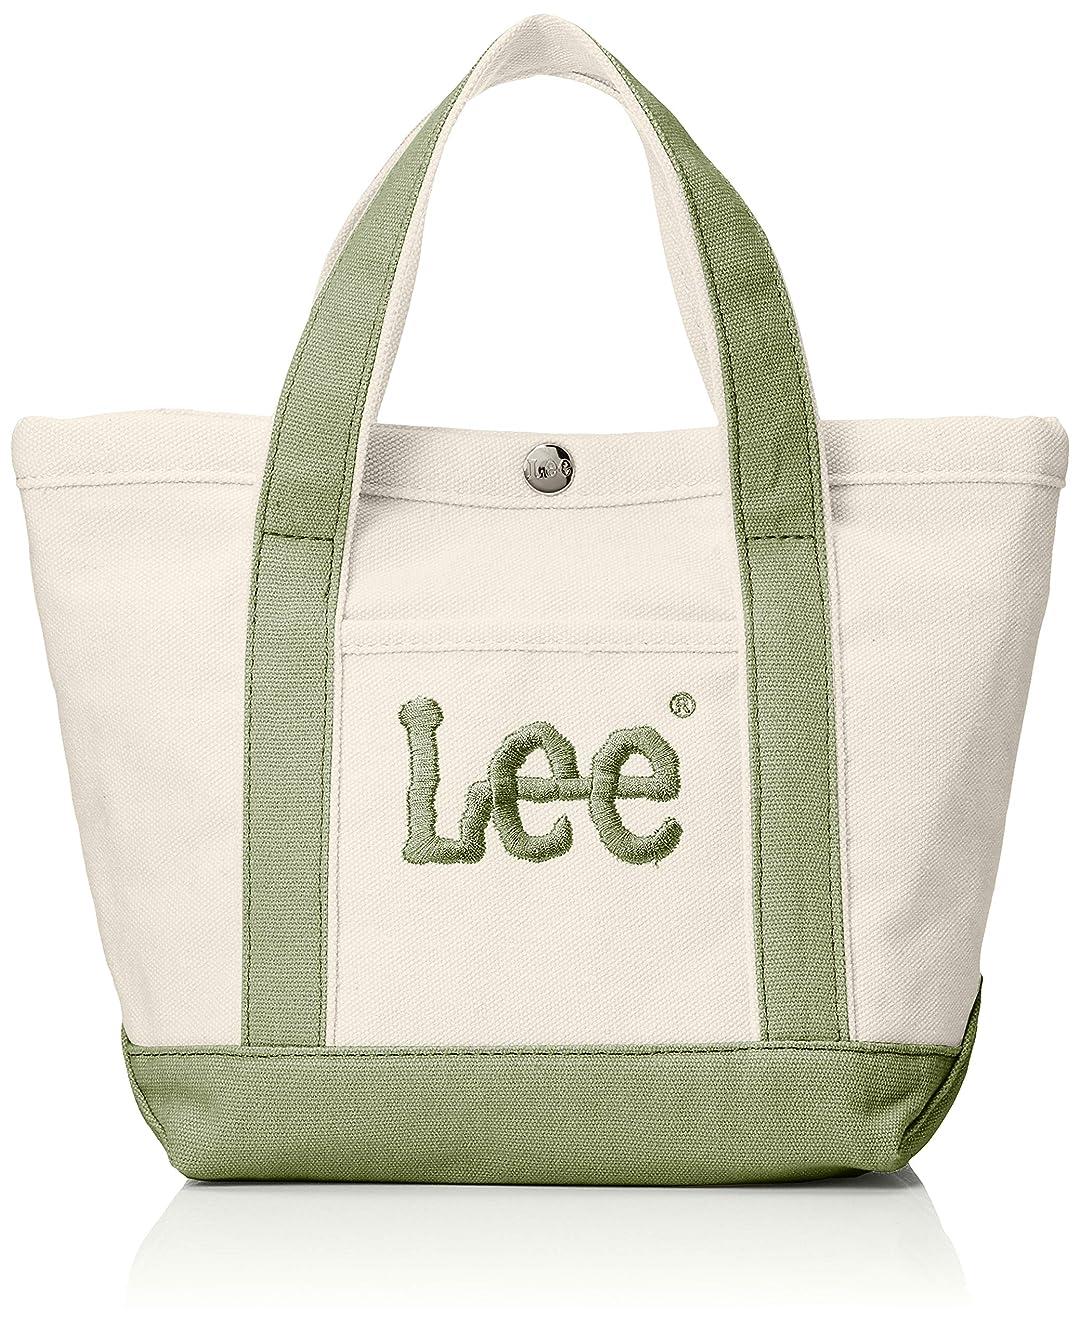 地震異常ふさわしい[リー] トートバッグ ミニ 厚手コットンキャンバス(帆布) Leeビッグロゴ刺繍